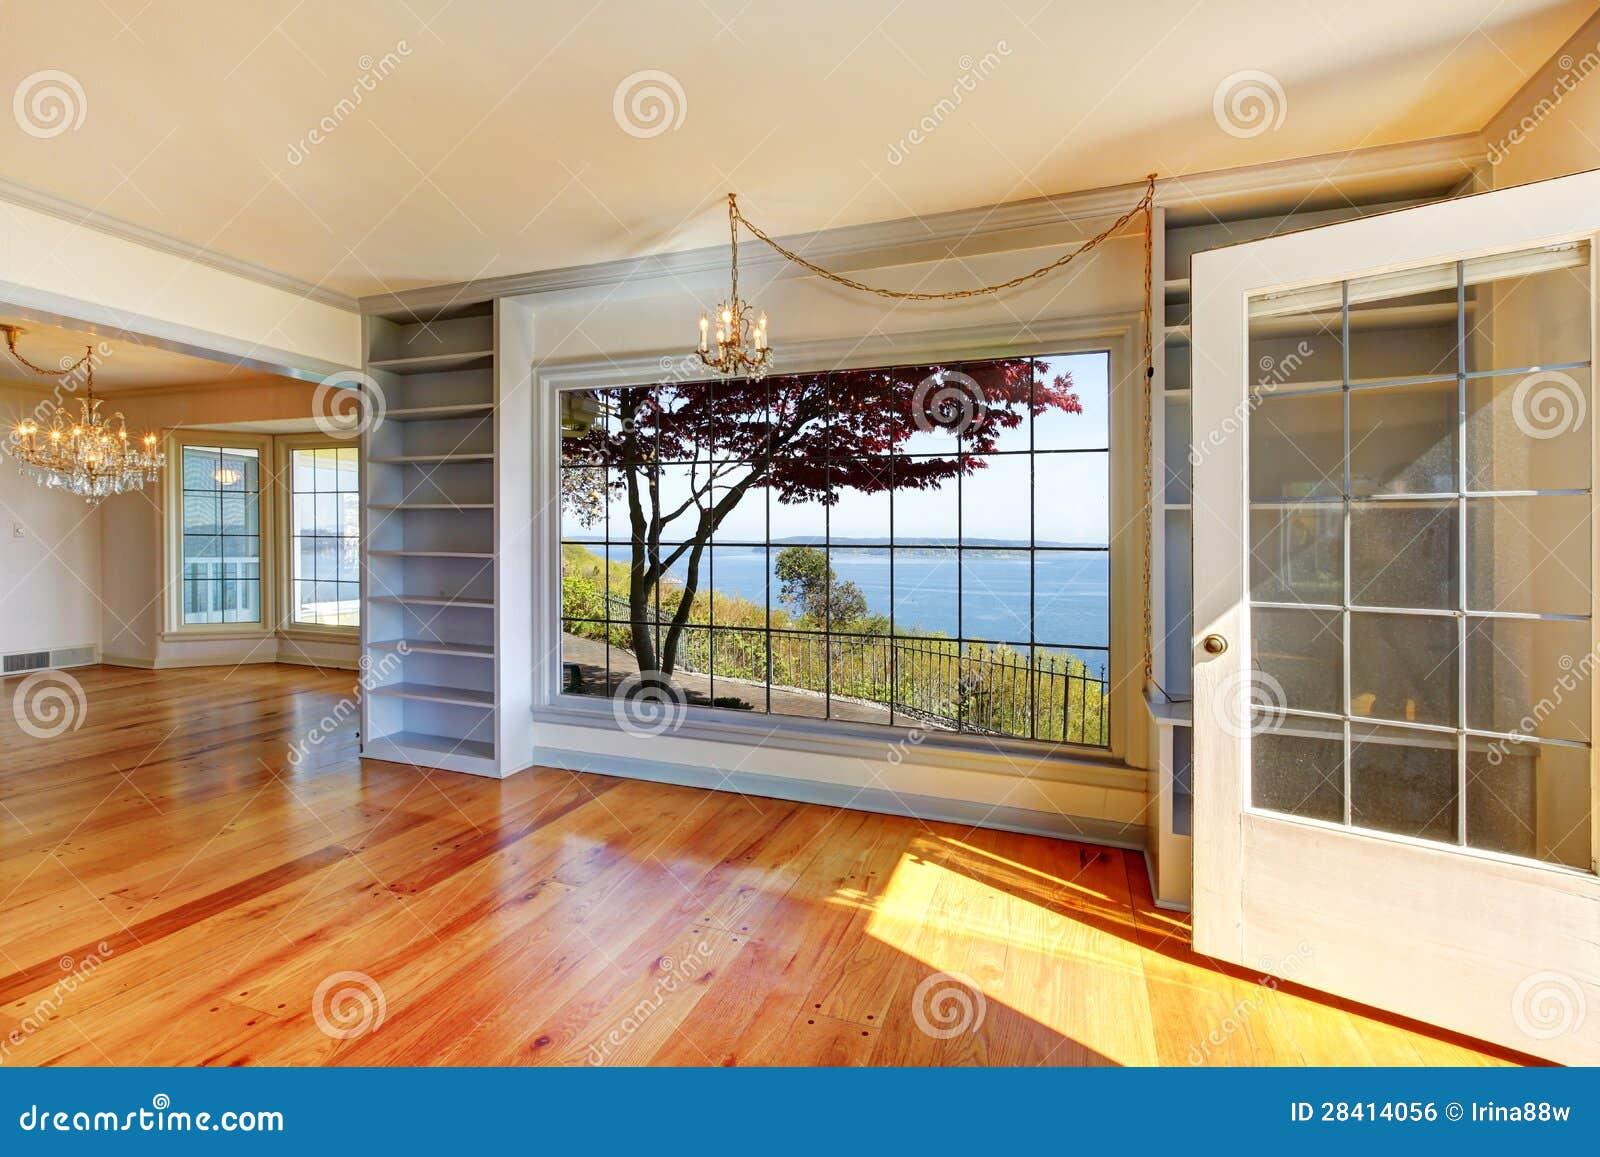 Stanze vuote con la vista dell 39 acqua e le grandi finestre - Finestre grandi ...